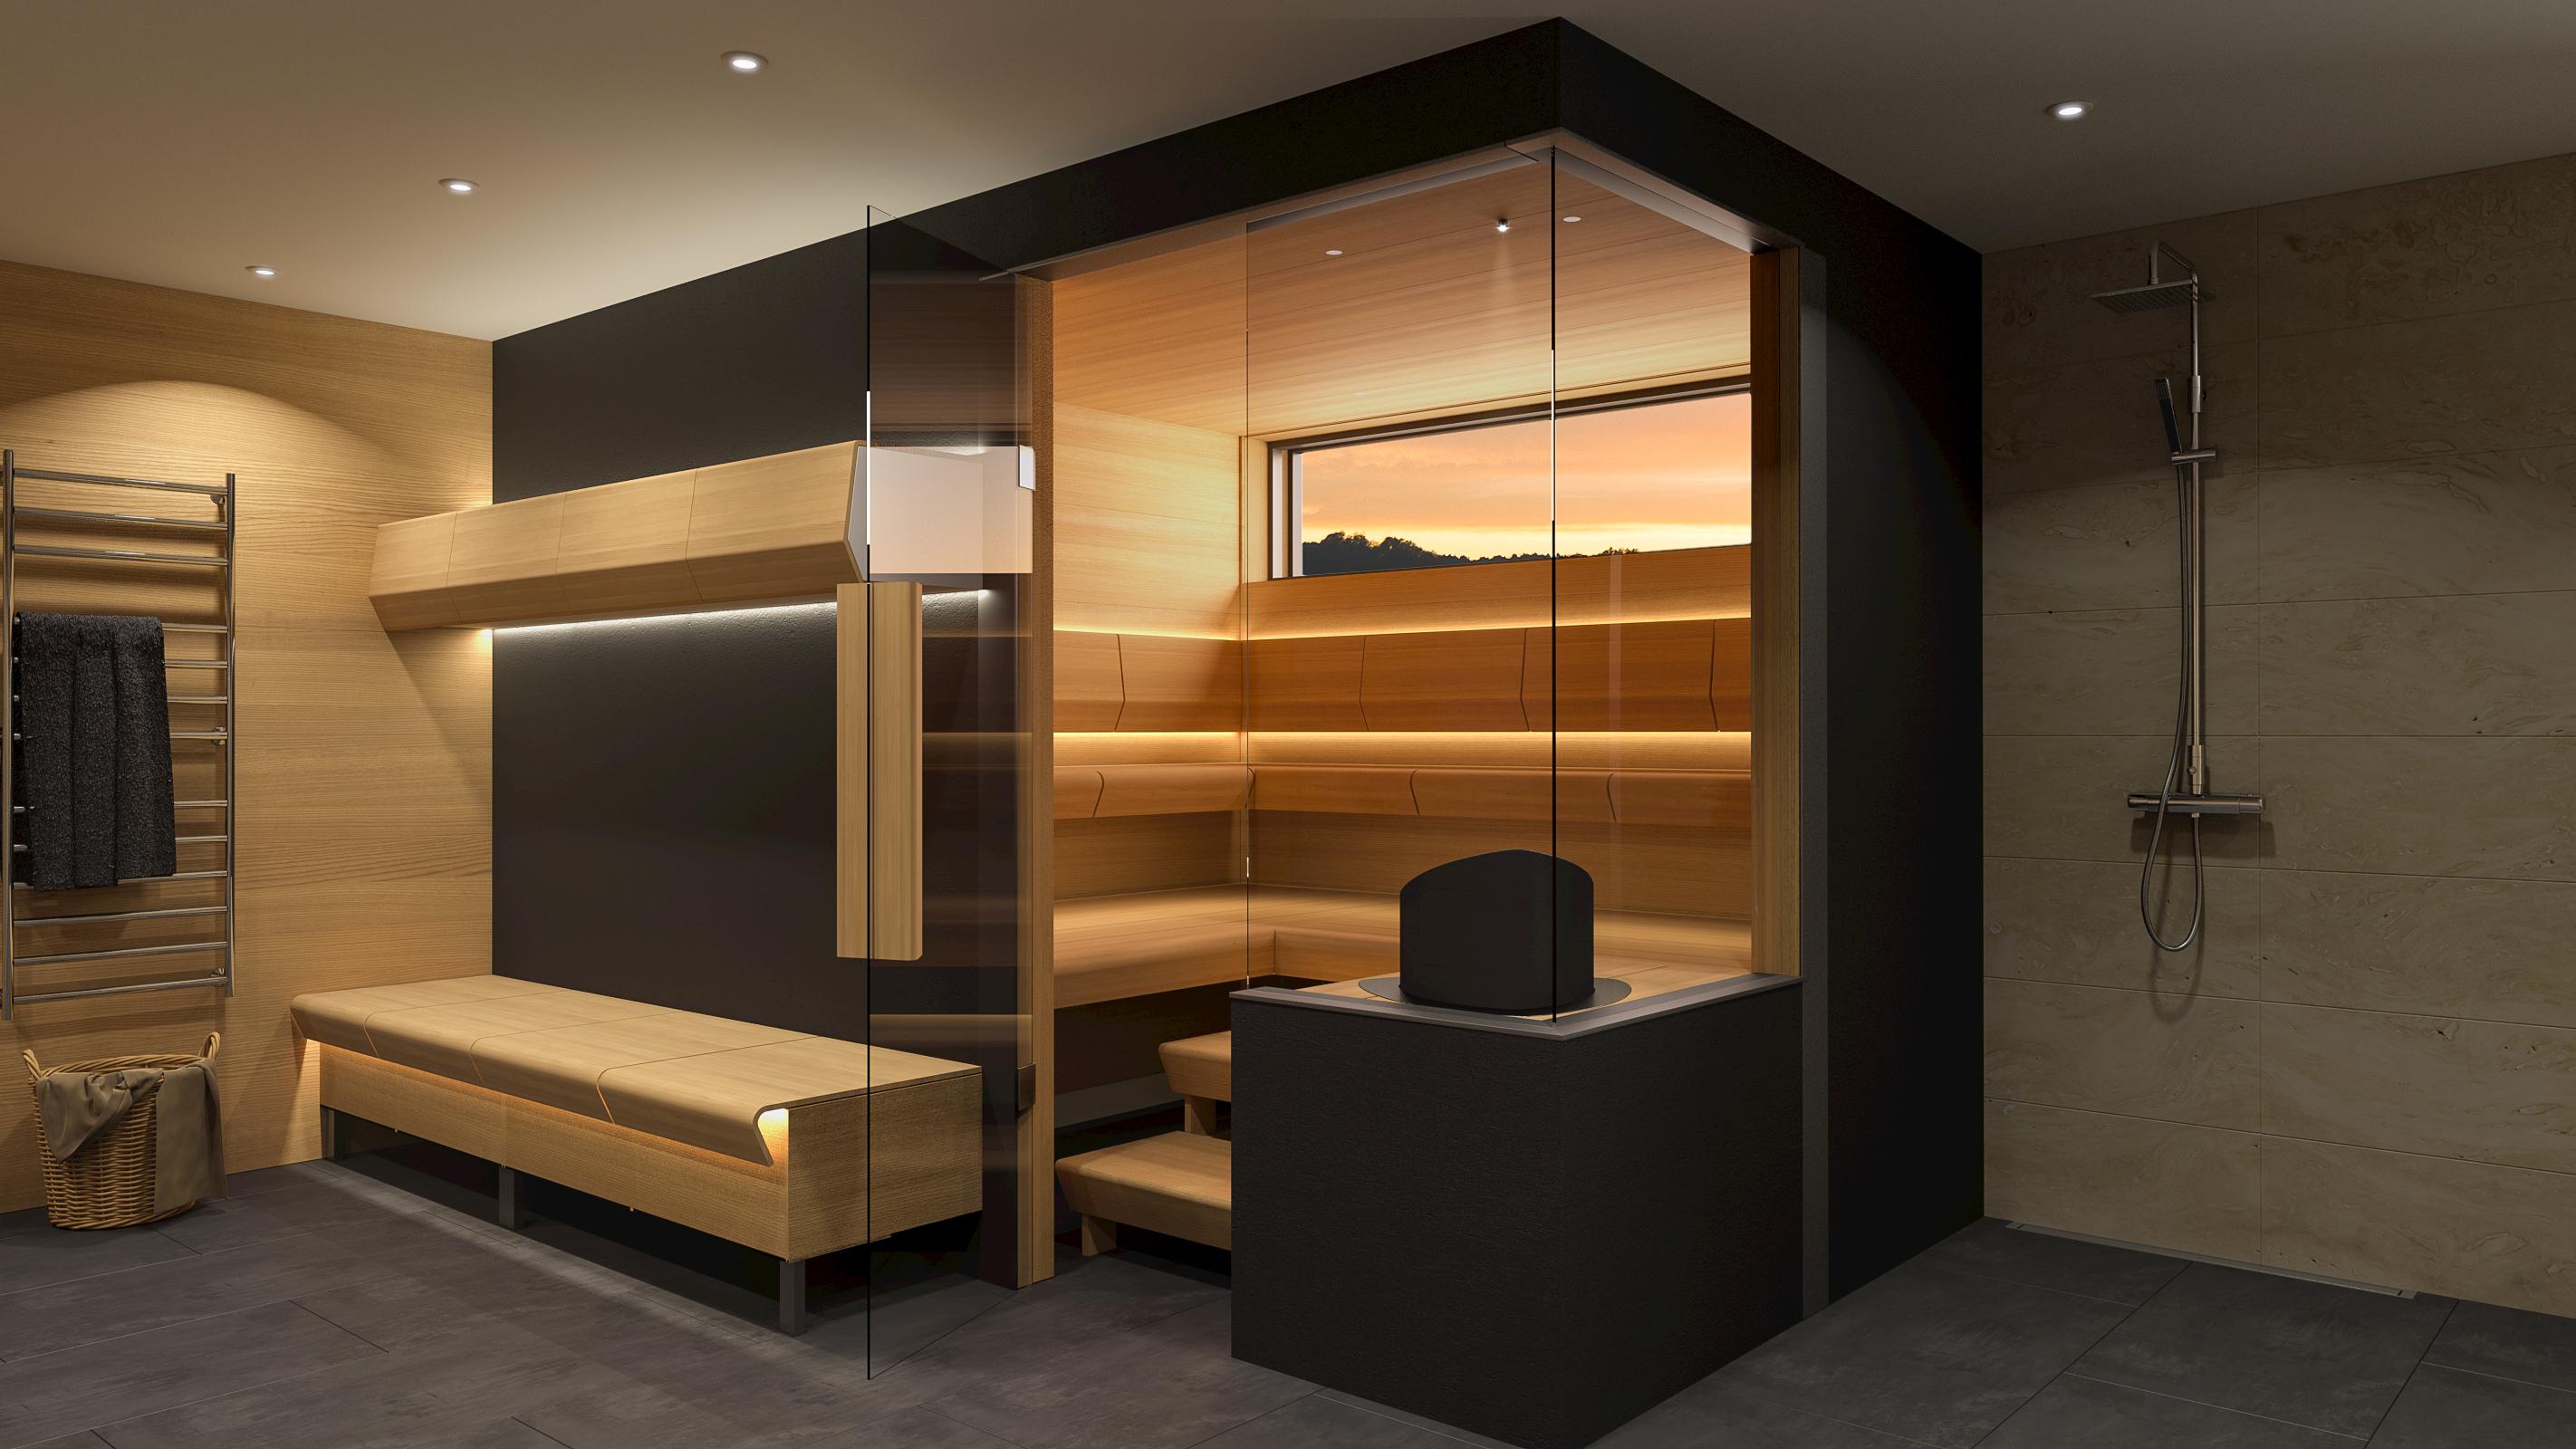 Construire Un Sauna Finlandais mobilier pour sauna, la nouvelle gamme de produits cariitti